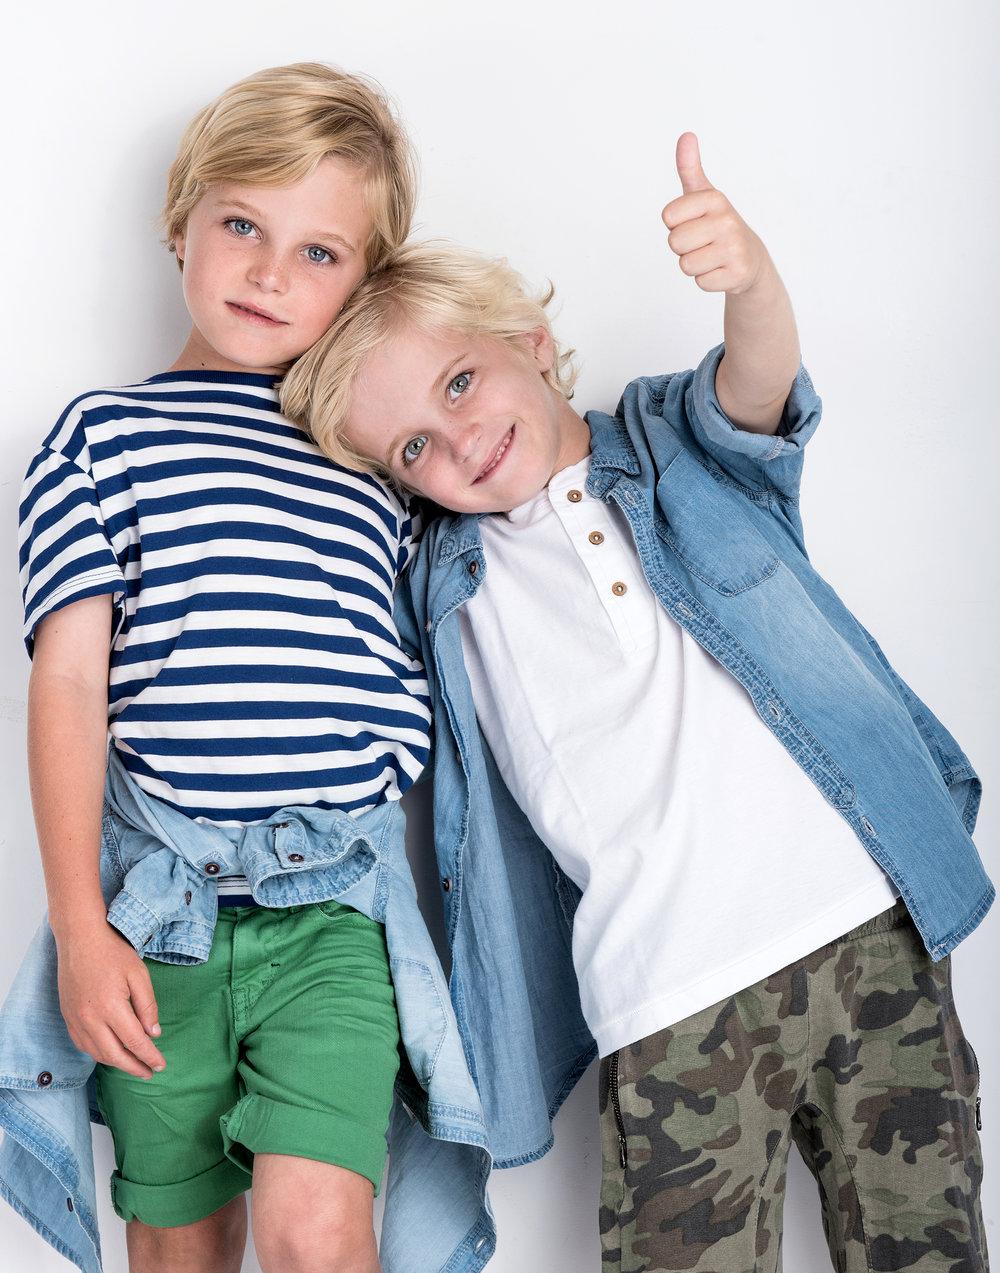 Reilly & Dylan (siblings)